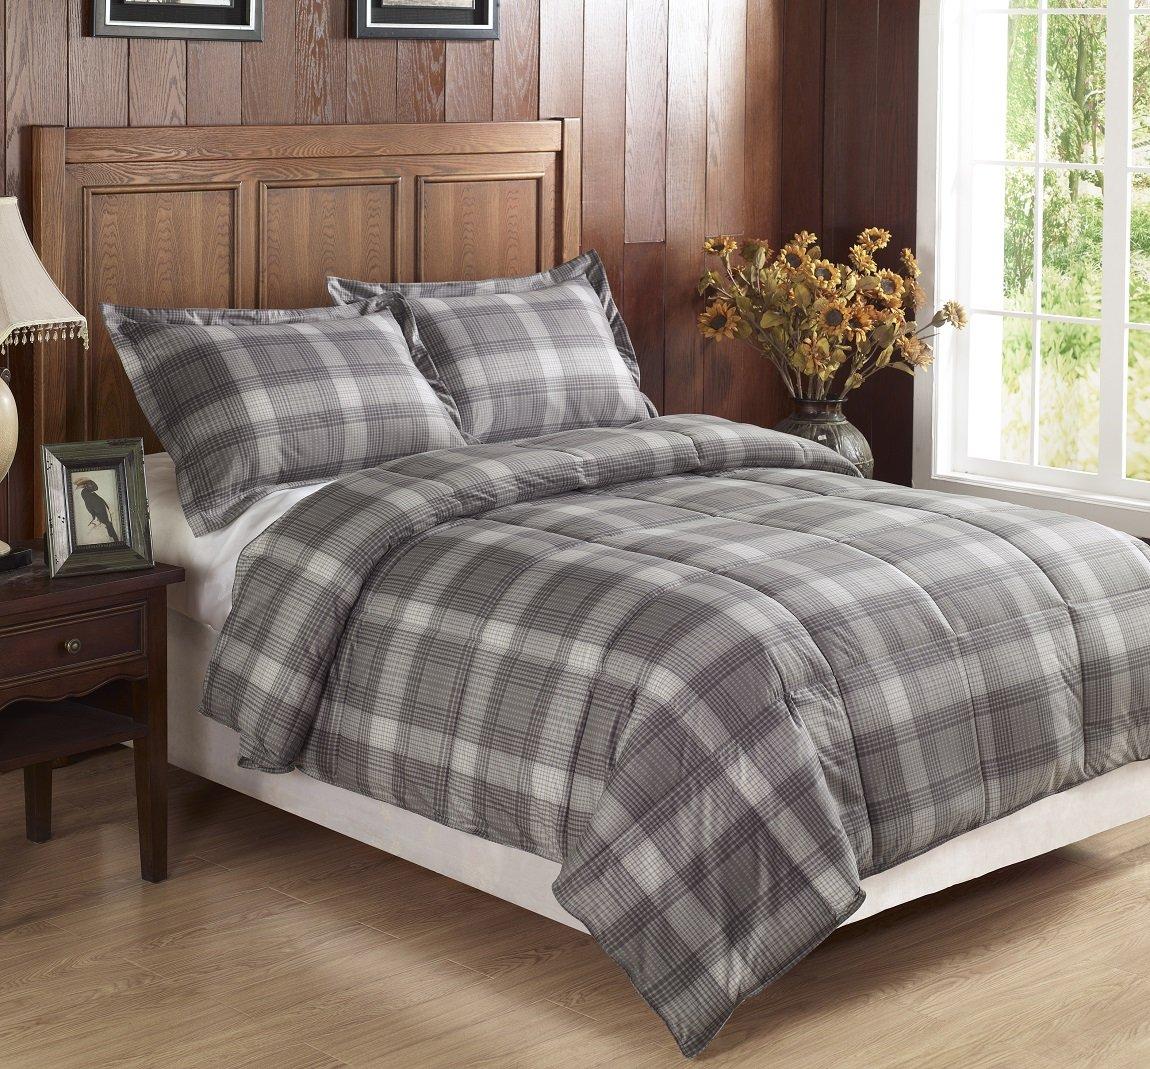 Grey Comforter Deals On 1001 Blocks